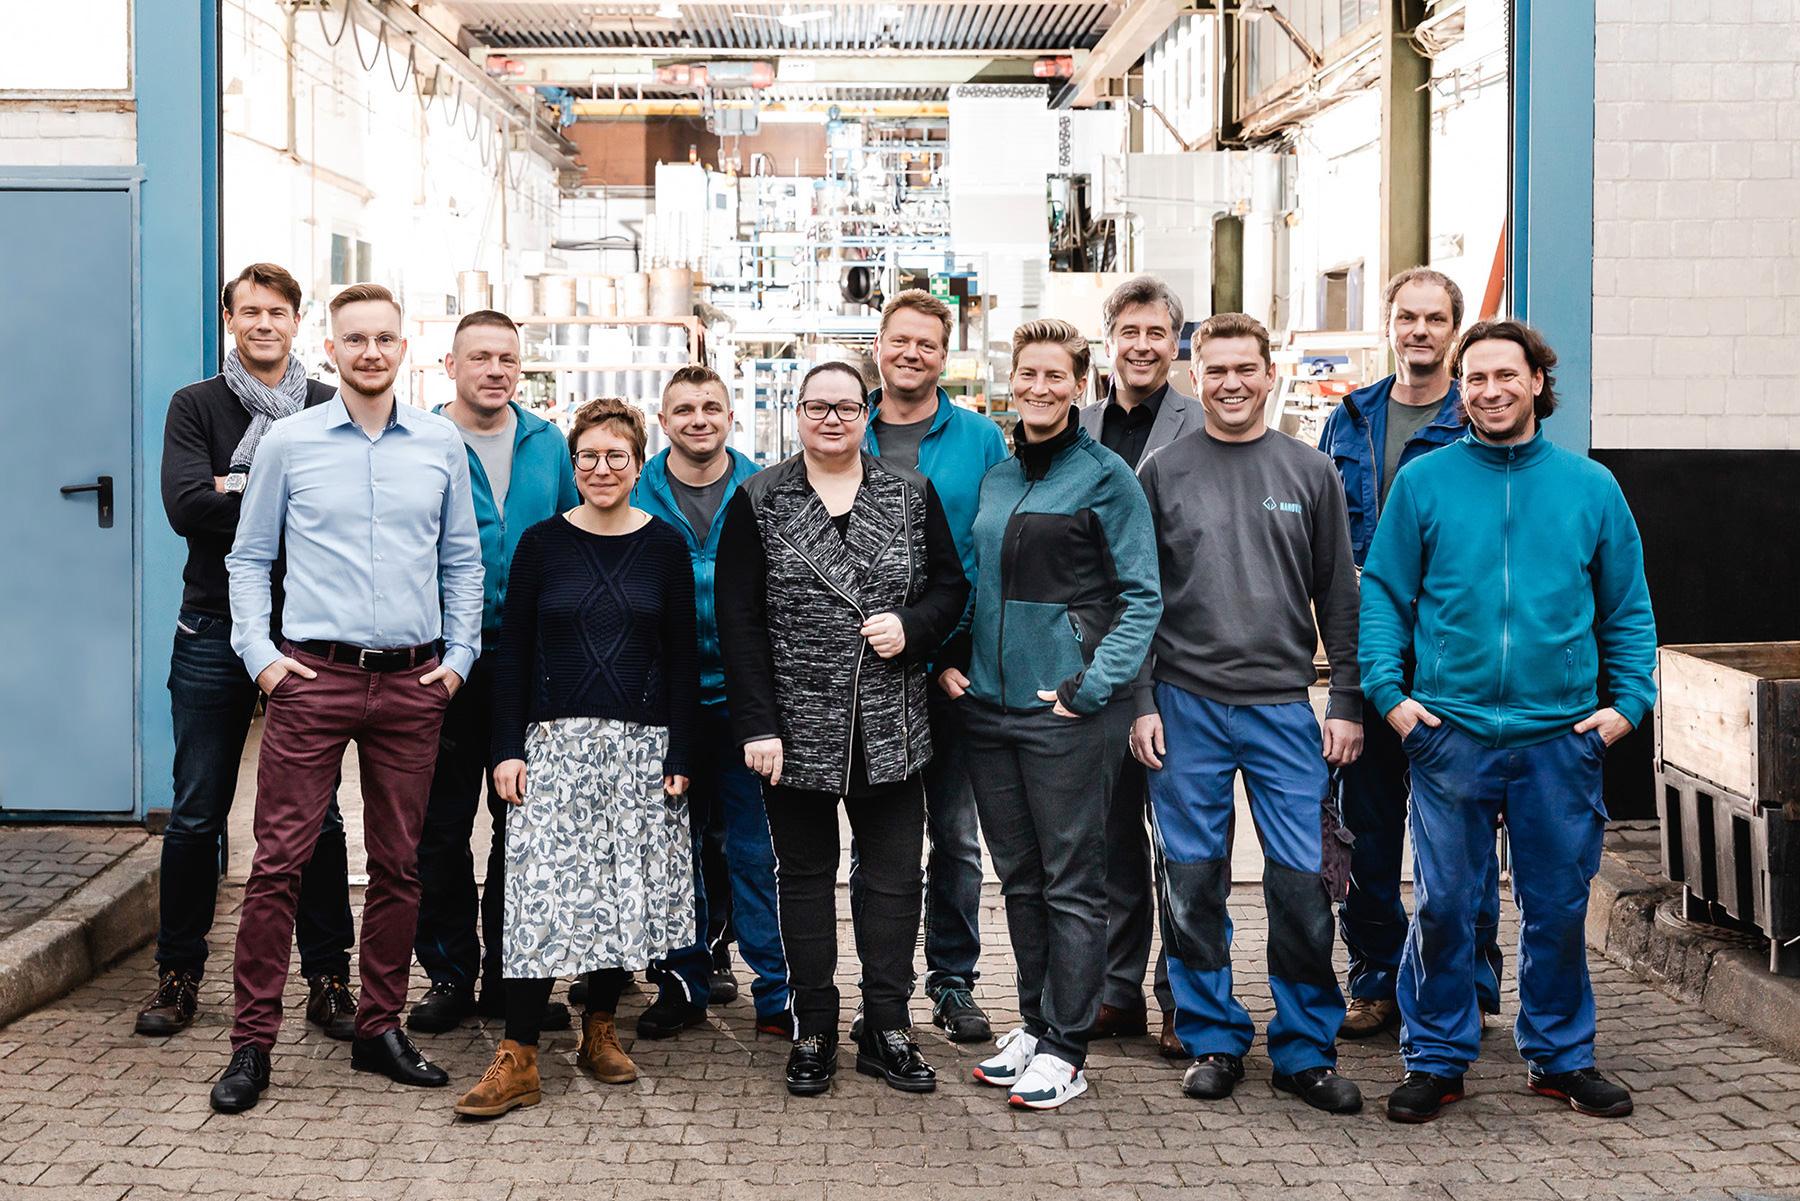 Das Team vor der Produktionshalle